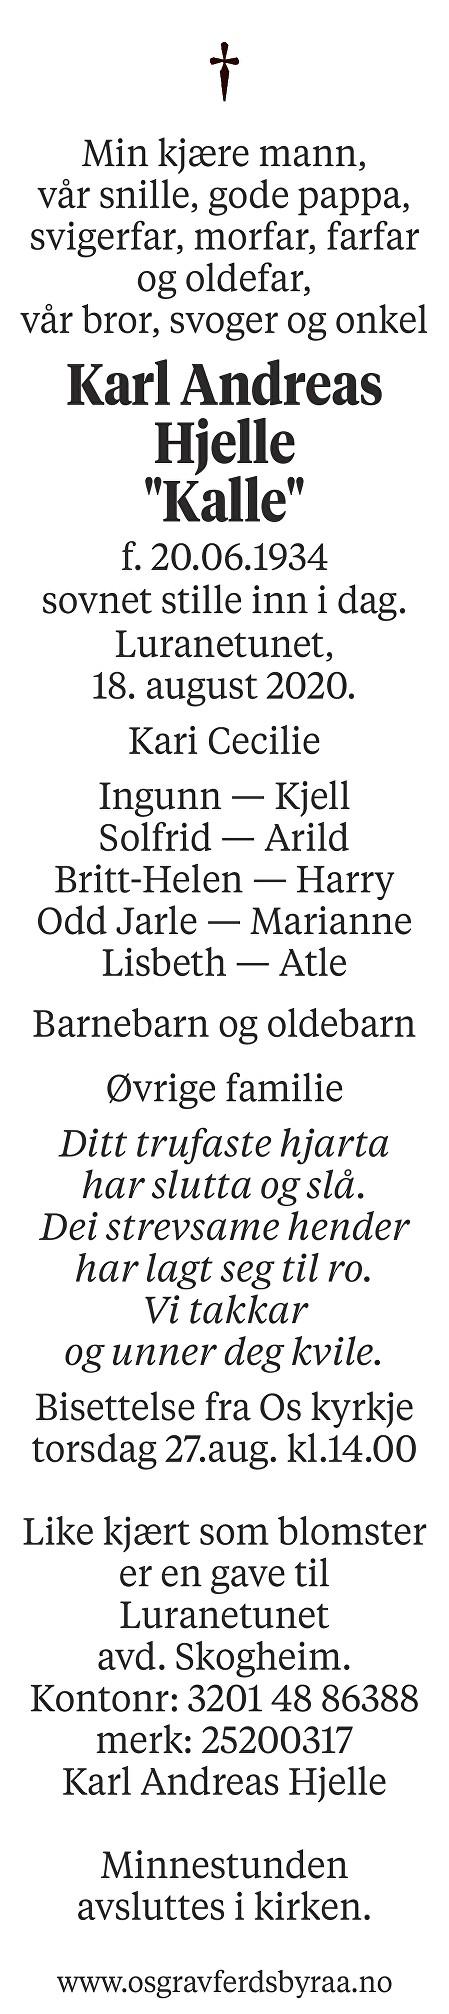 Karl Andreas Hjelle Dødsannonse